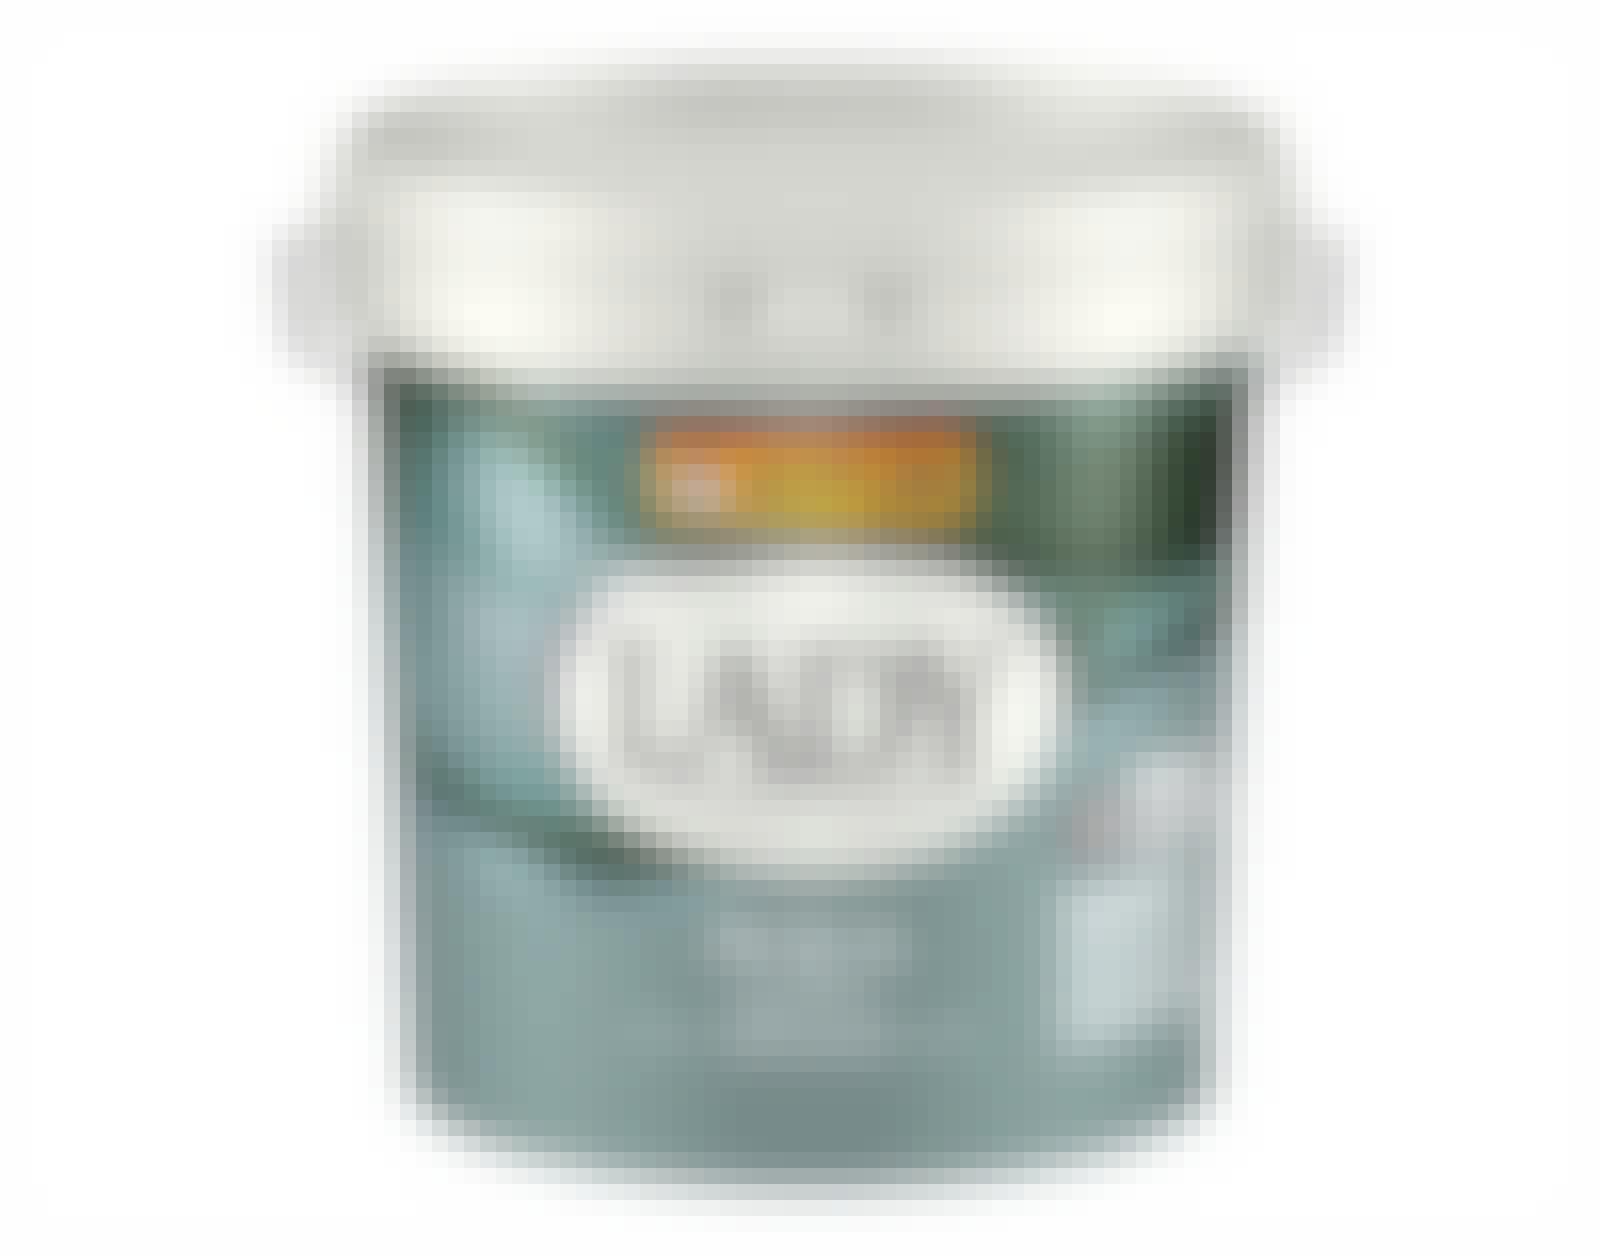 Jotun Lady Aqua Silkesmatt Våtrum, är en våtrumsfärg med en glans på 10.